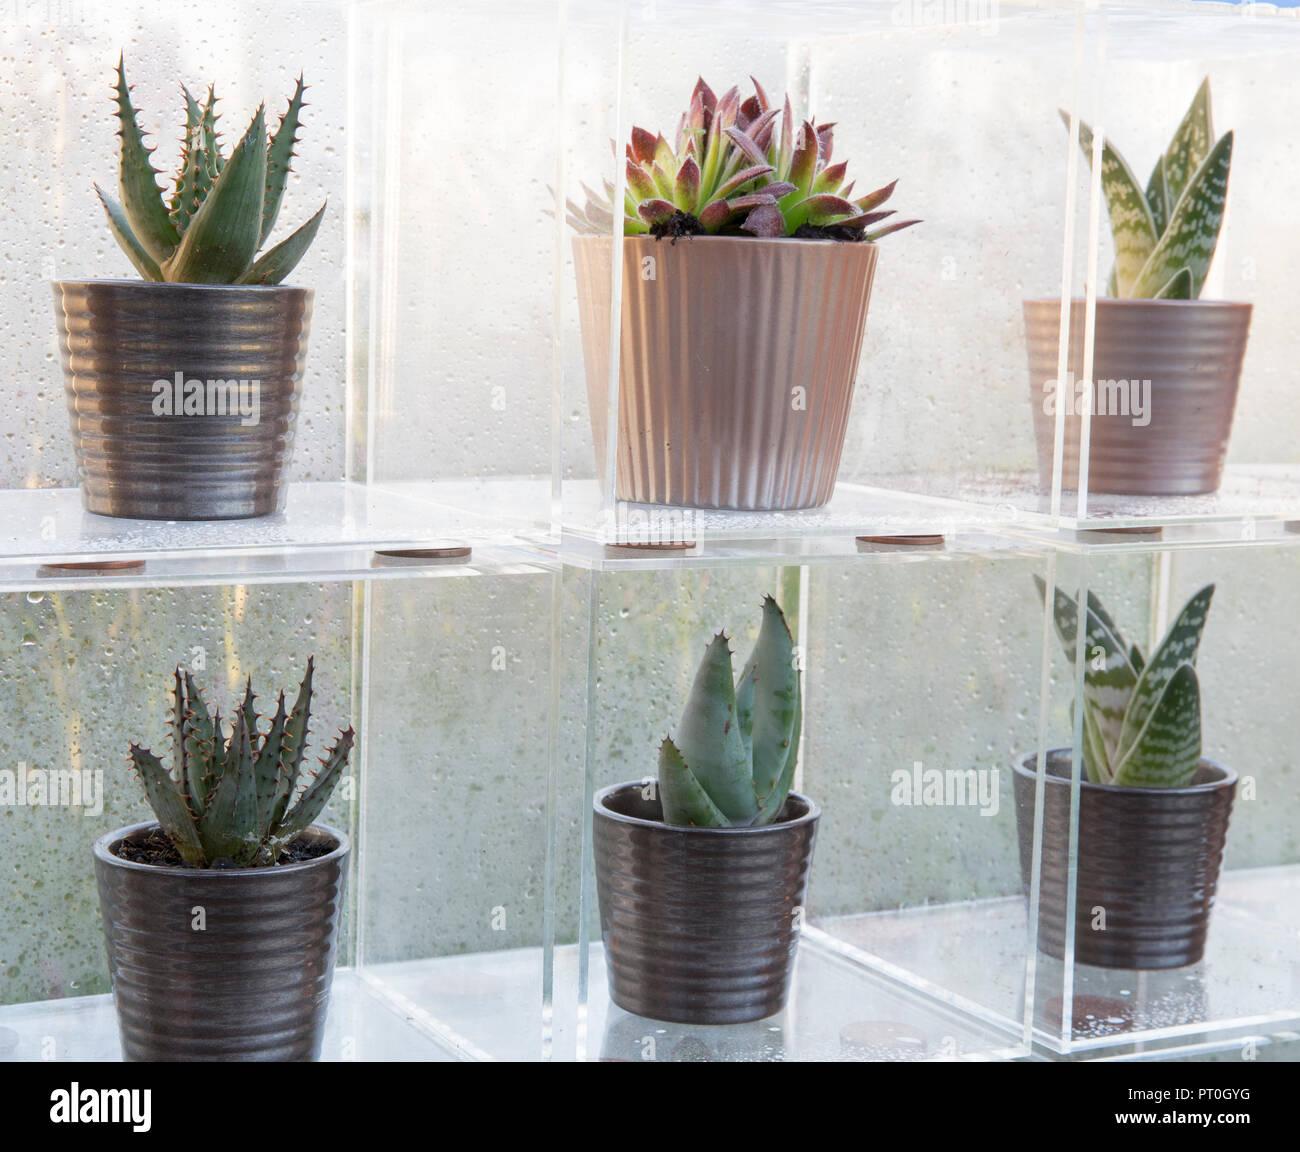 Scatole di Perspex che espongono una collezione di piante succulente crescente in ceramica vasi per piante, Sempervivum, Aloe 'Paradisicum', a casa, crescere, mangiare e rilassarsi, RHS Ma Foto Stock